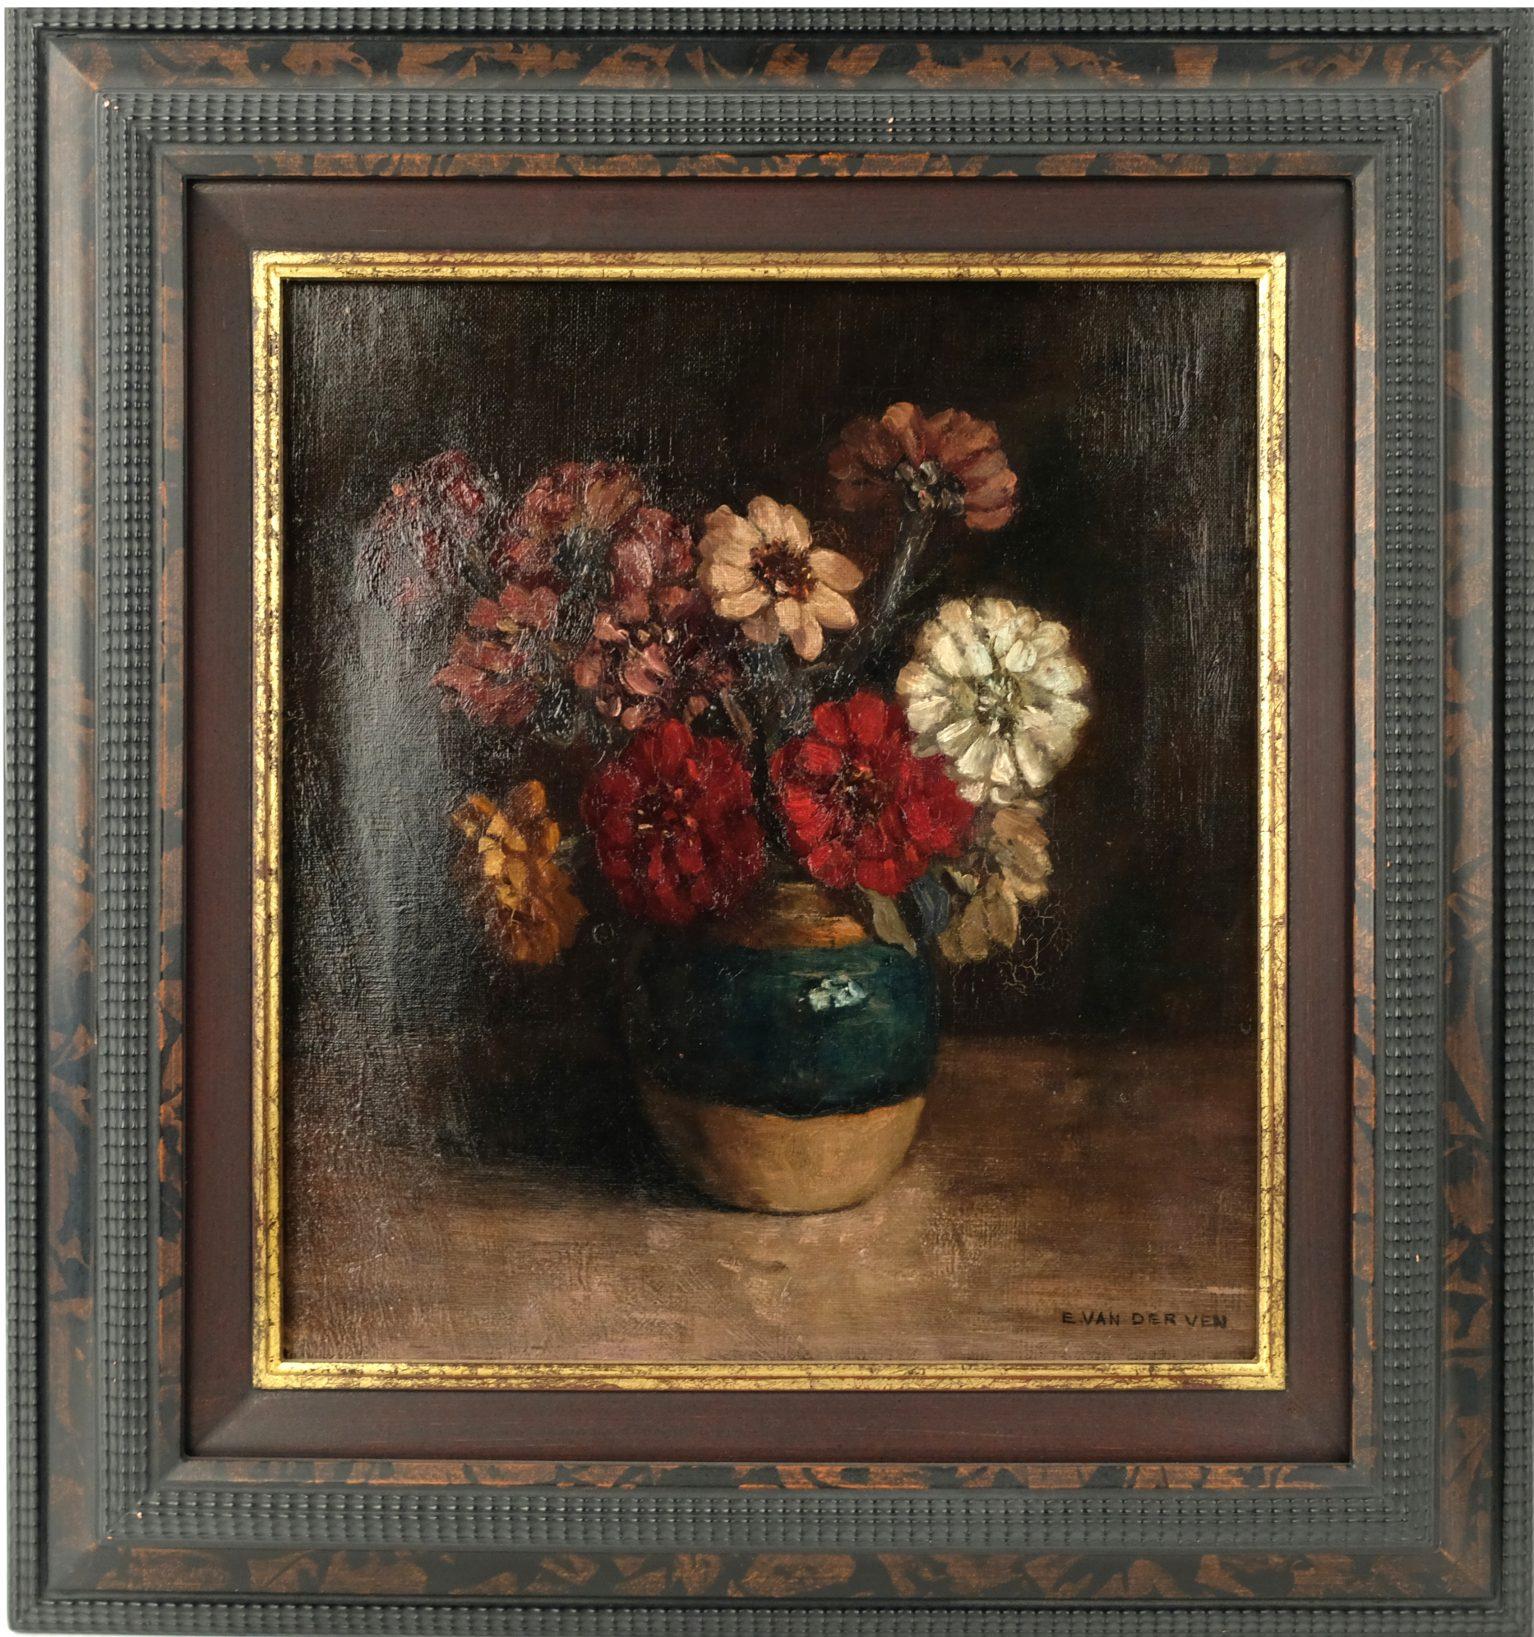 Emmanuel van der Ven (1821-1883) - Stilleven met zinnia's